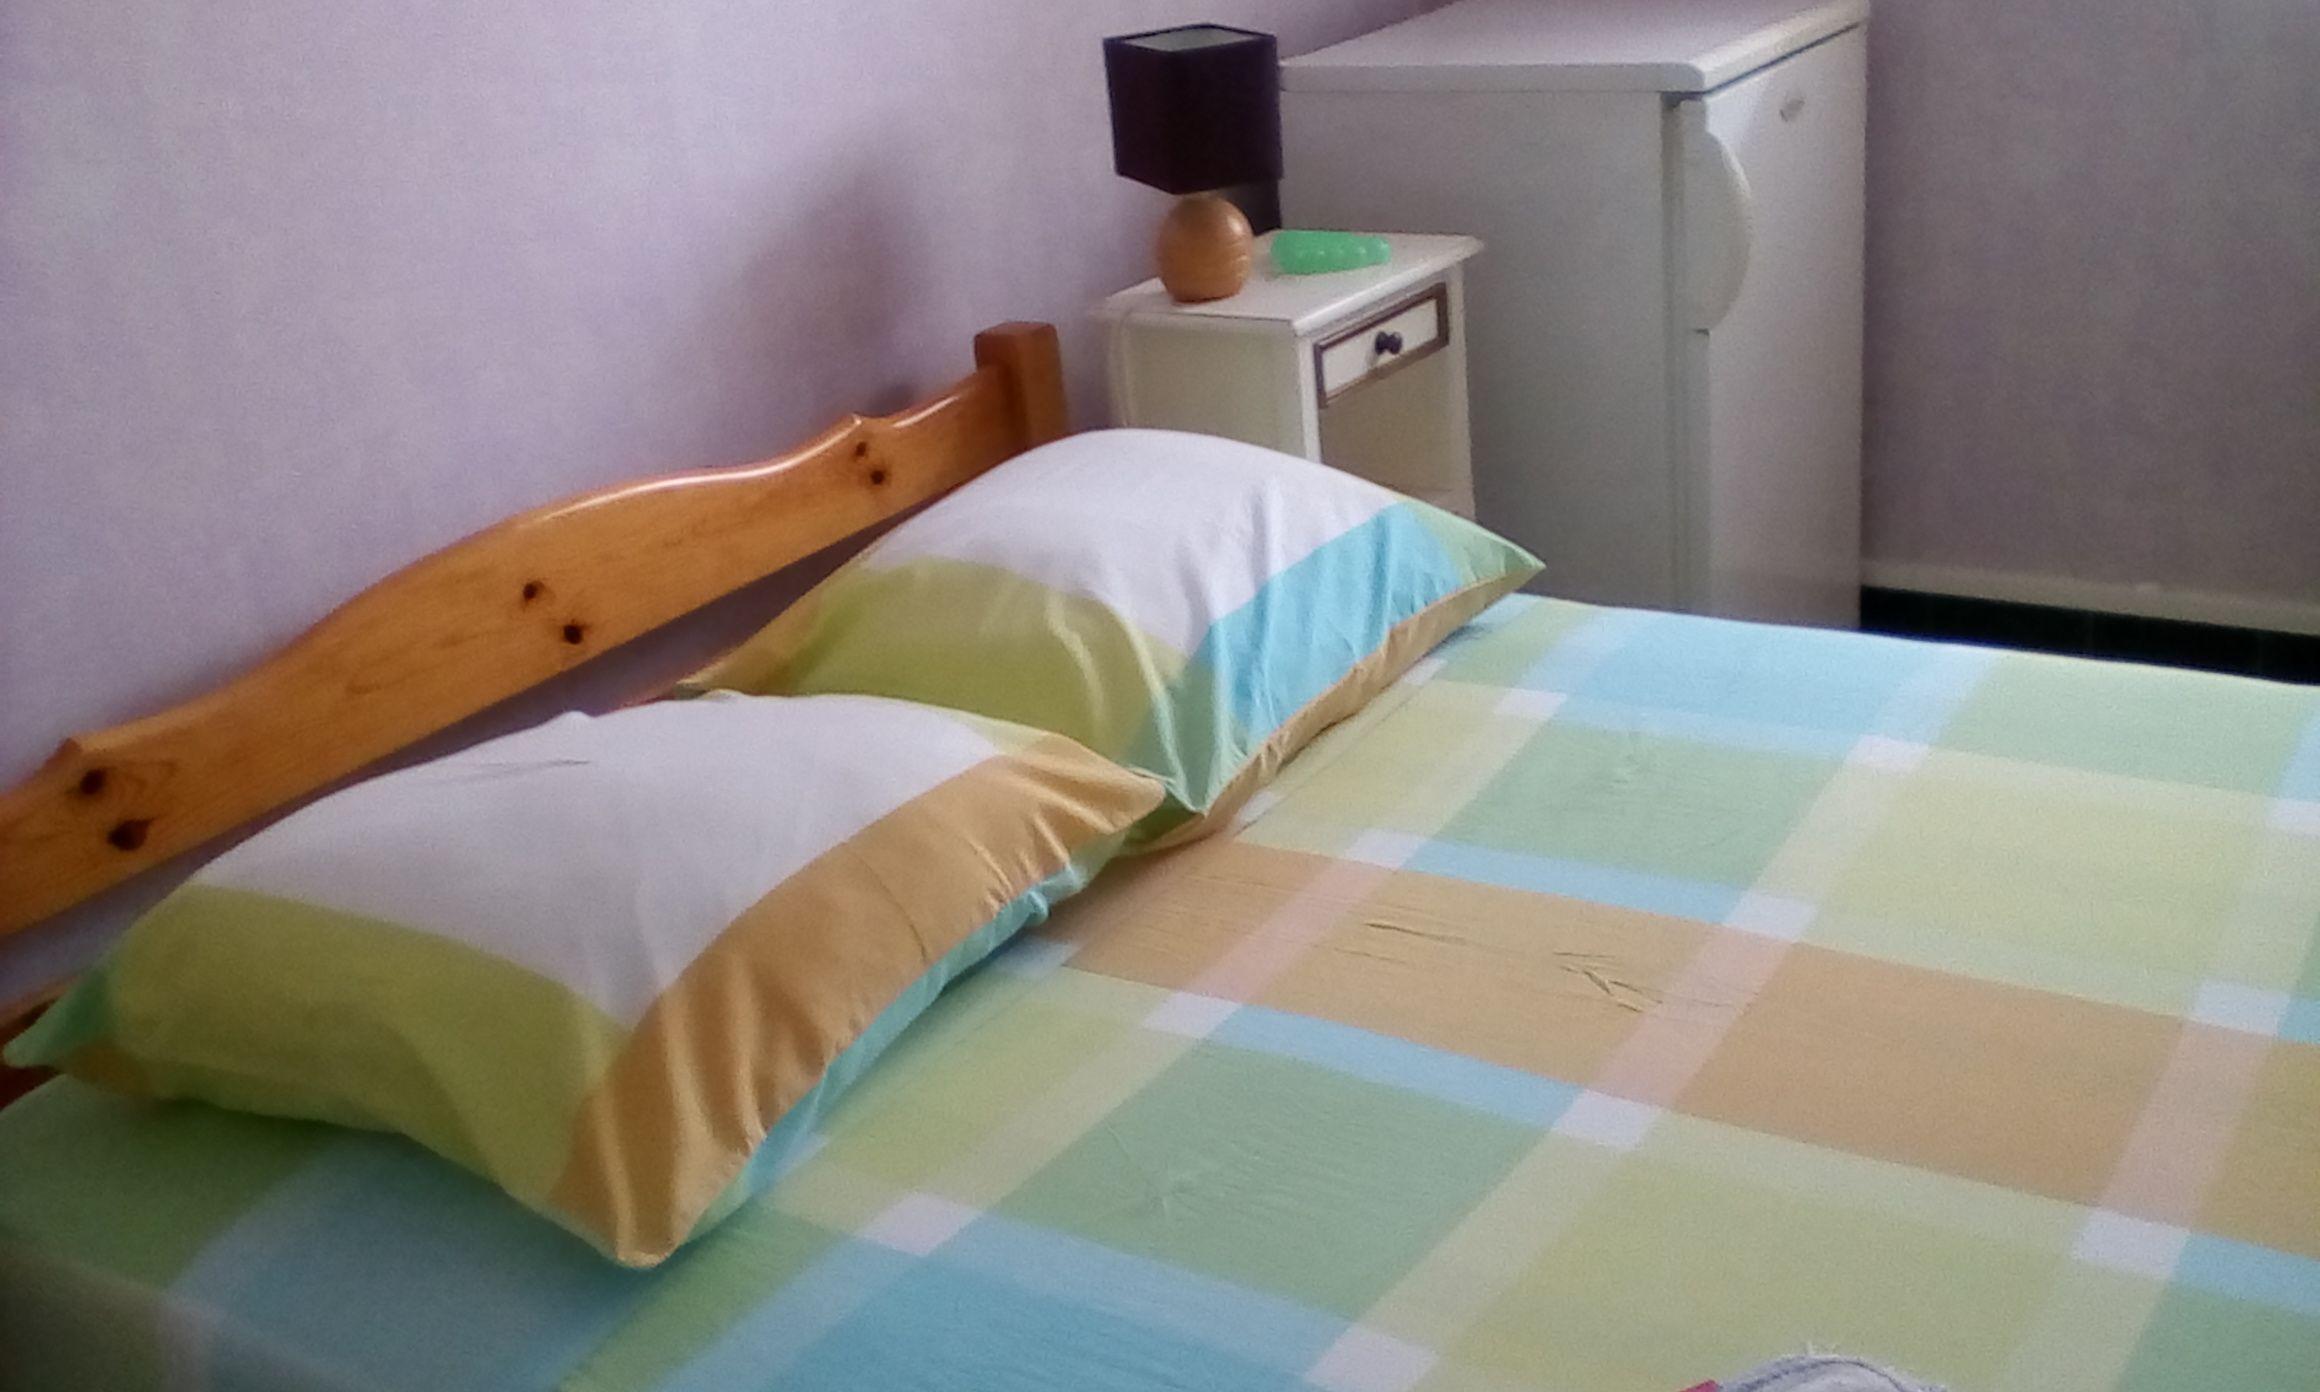 Chambre-à-louer-Marseille 9ème arrondissement-MODELE